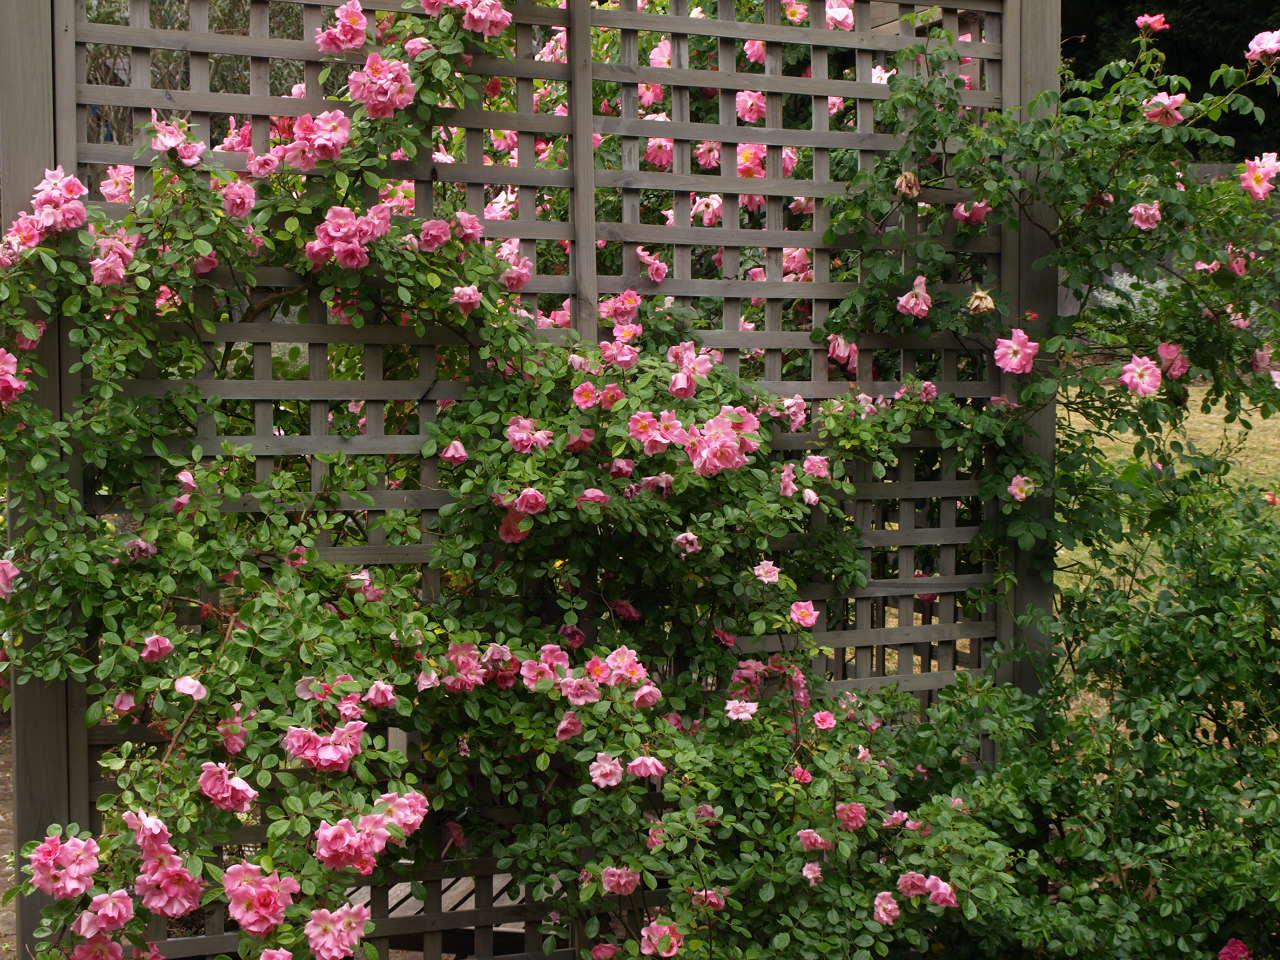 Плетистая роза, размещенная на вертикальной опоре.